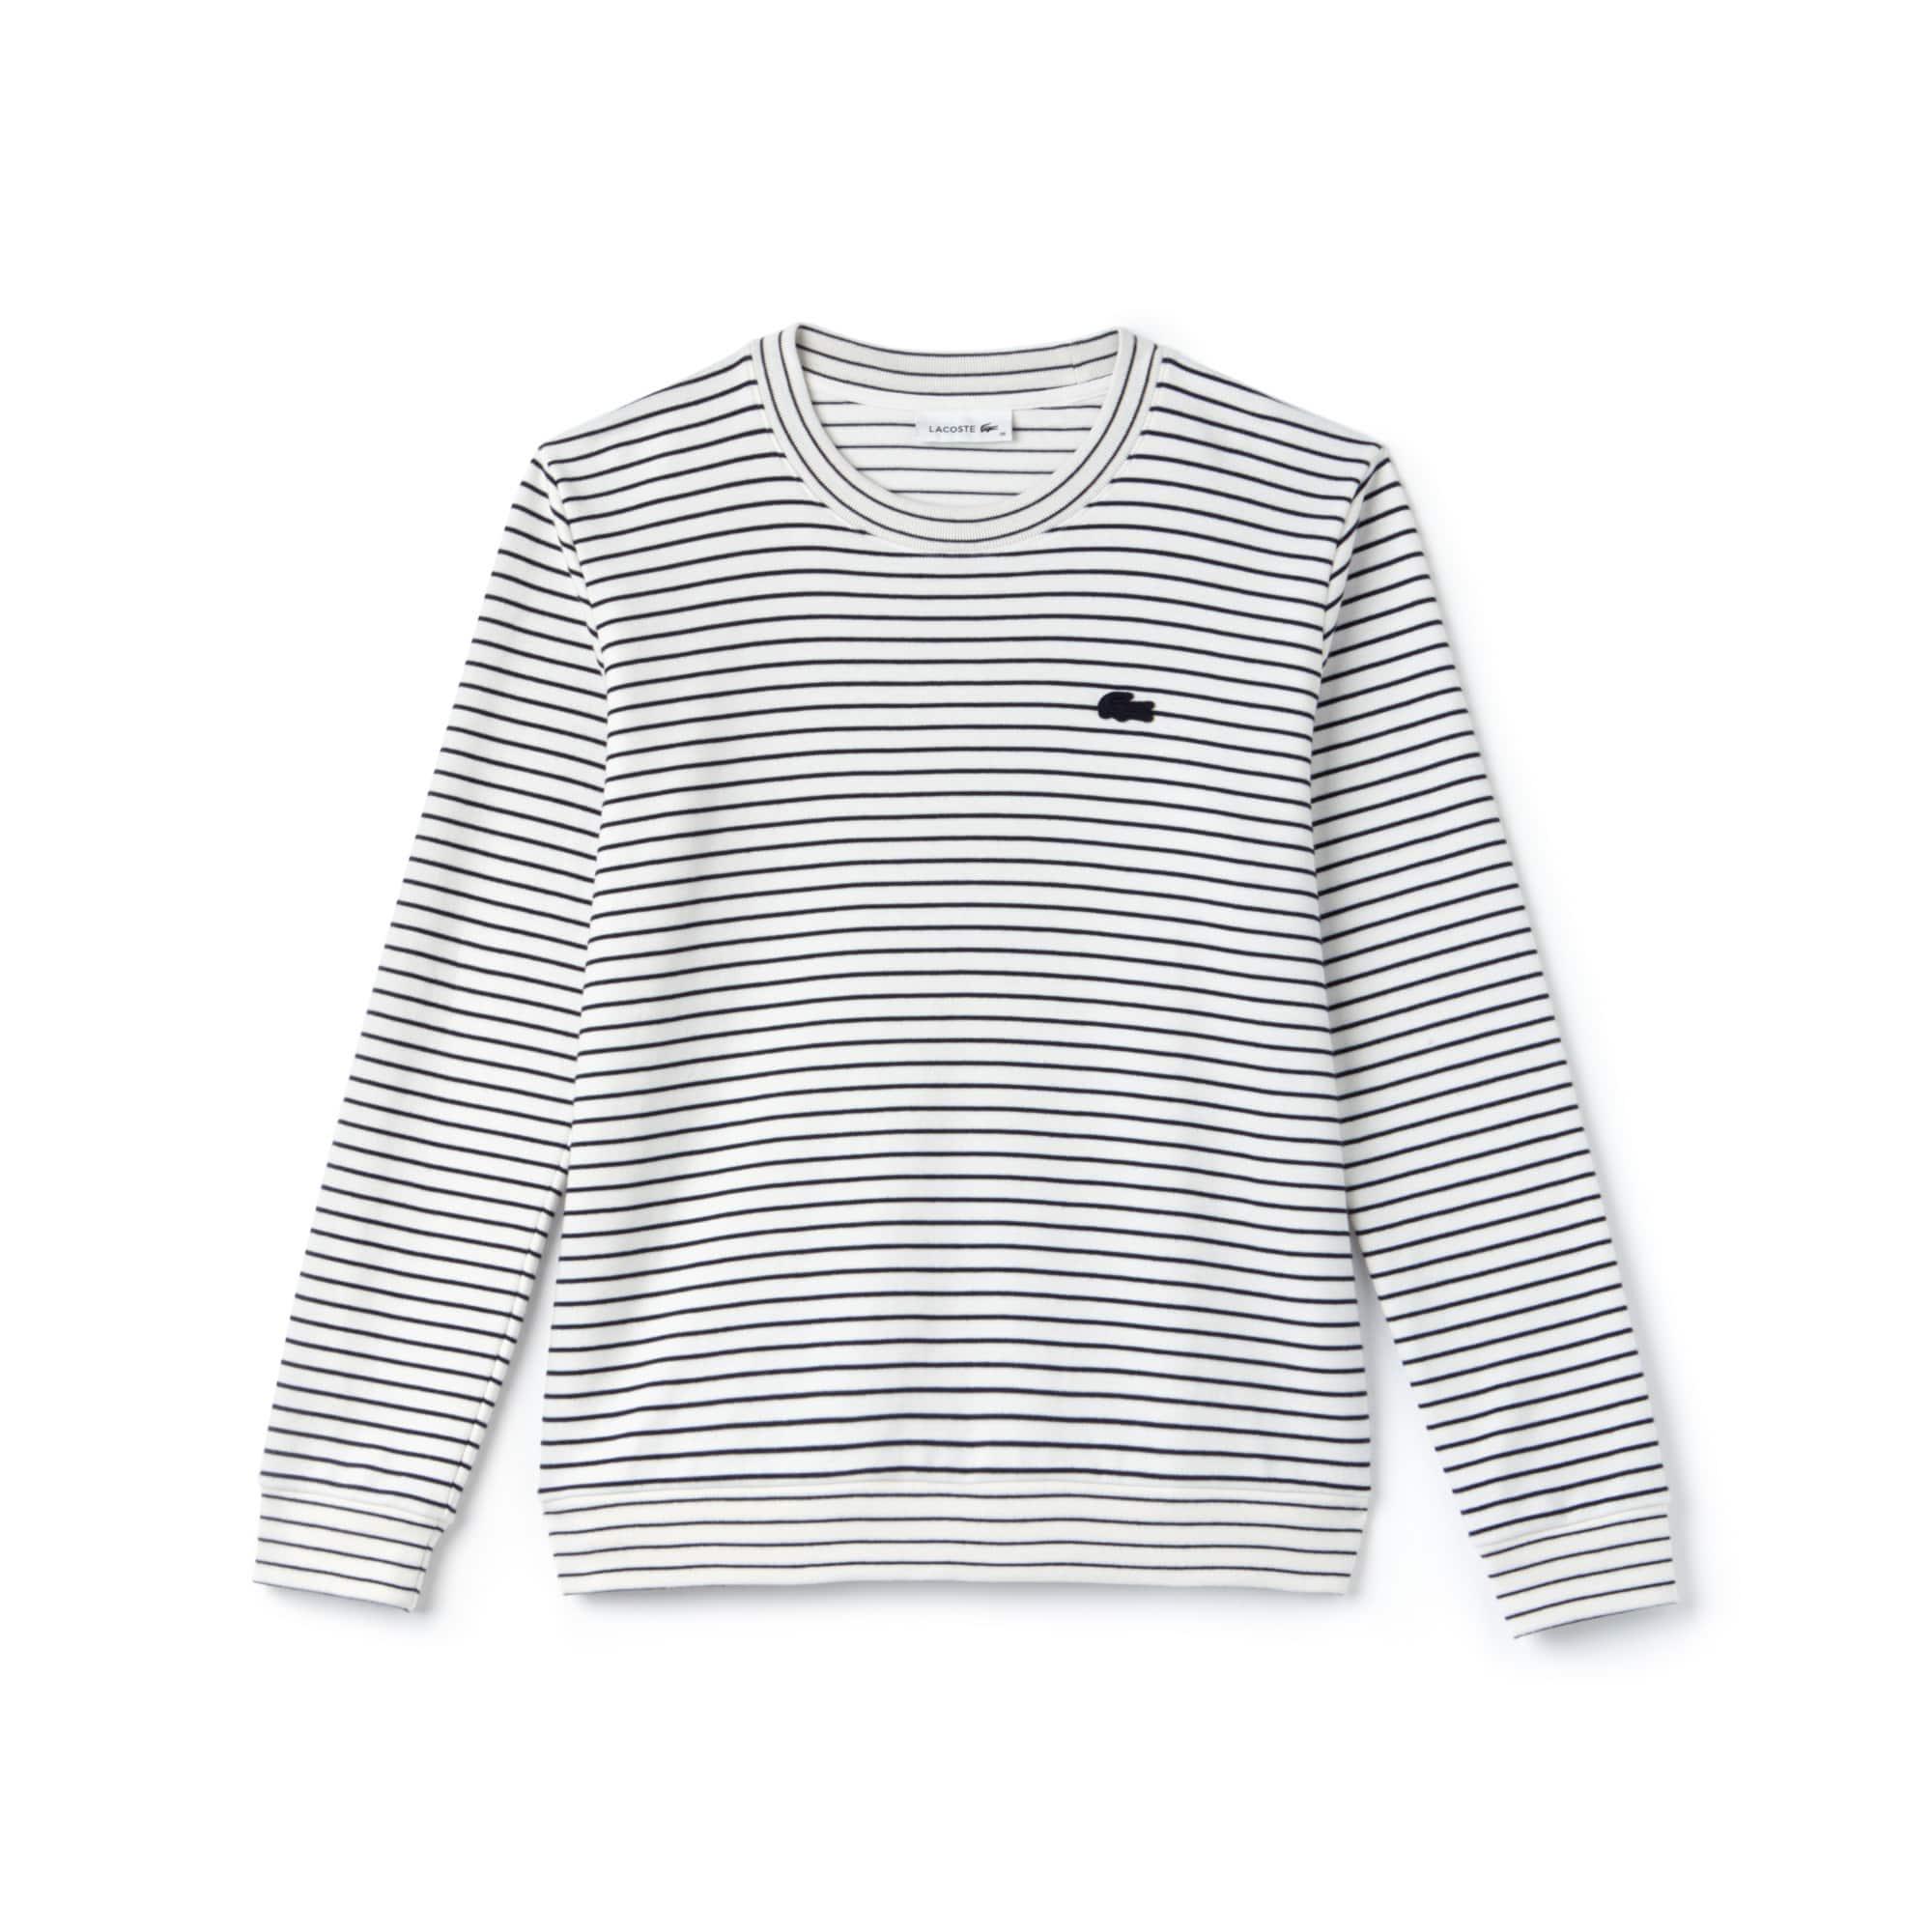 Damen-Sweatshirt mit Rundhals aus Baumwoll-Interlock mit Stretch